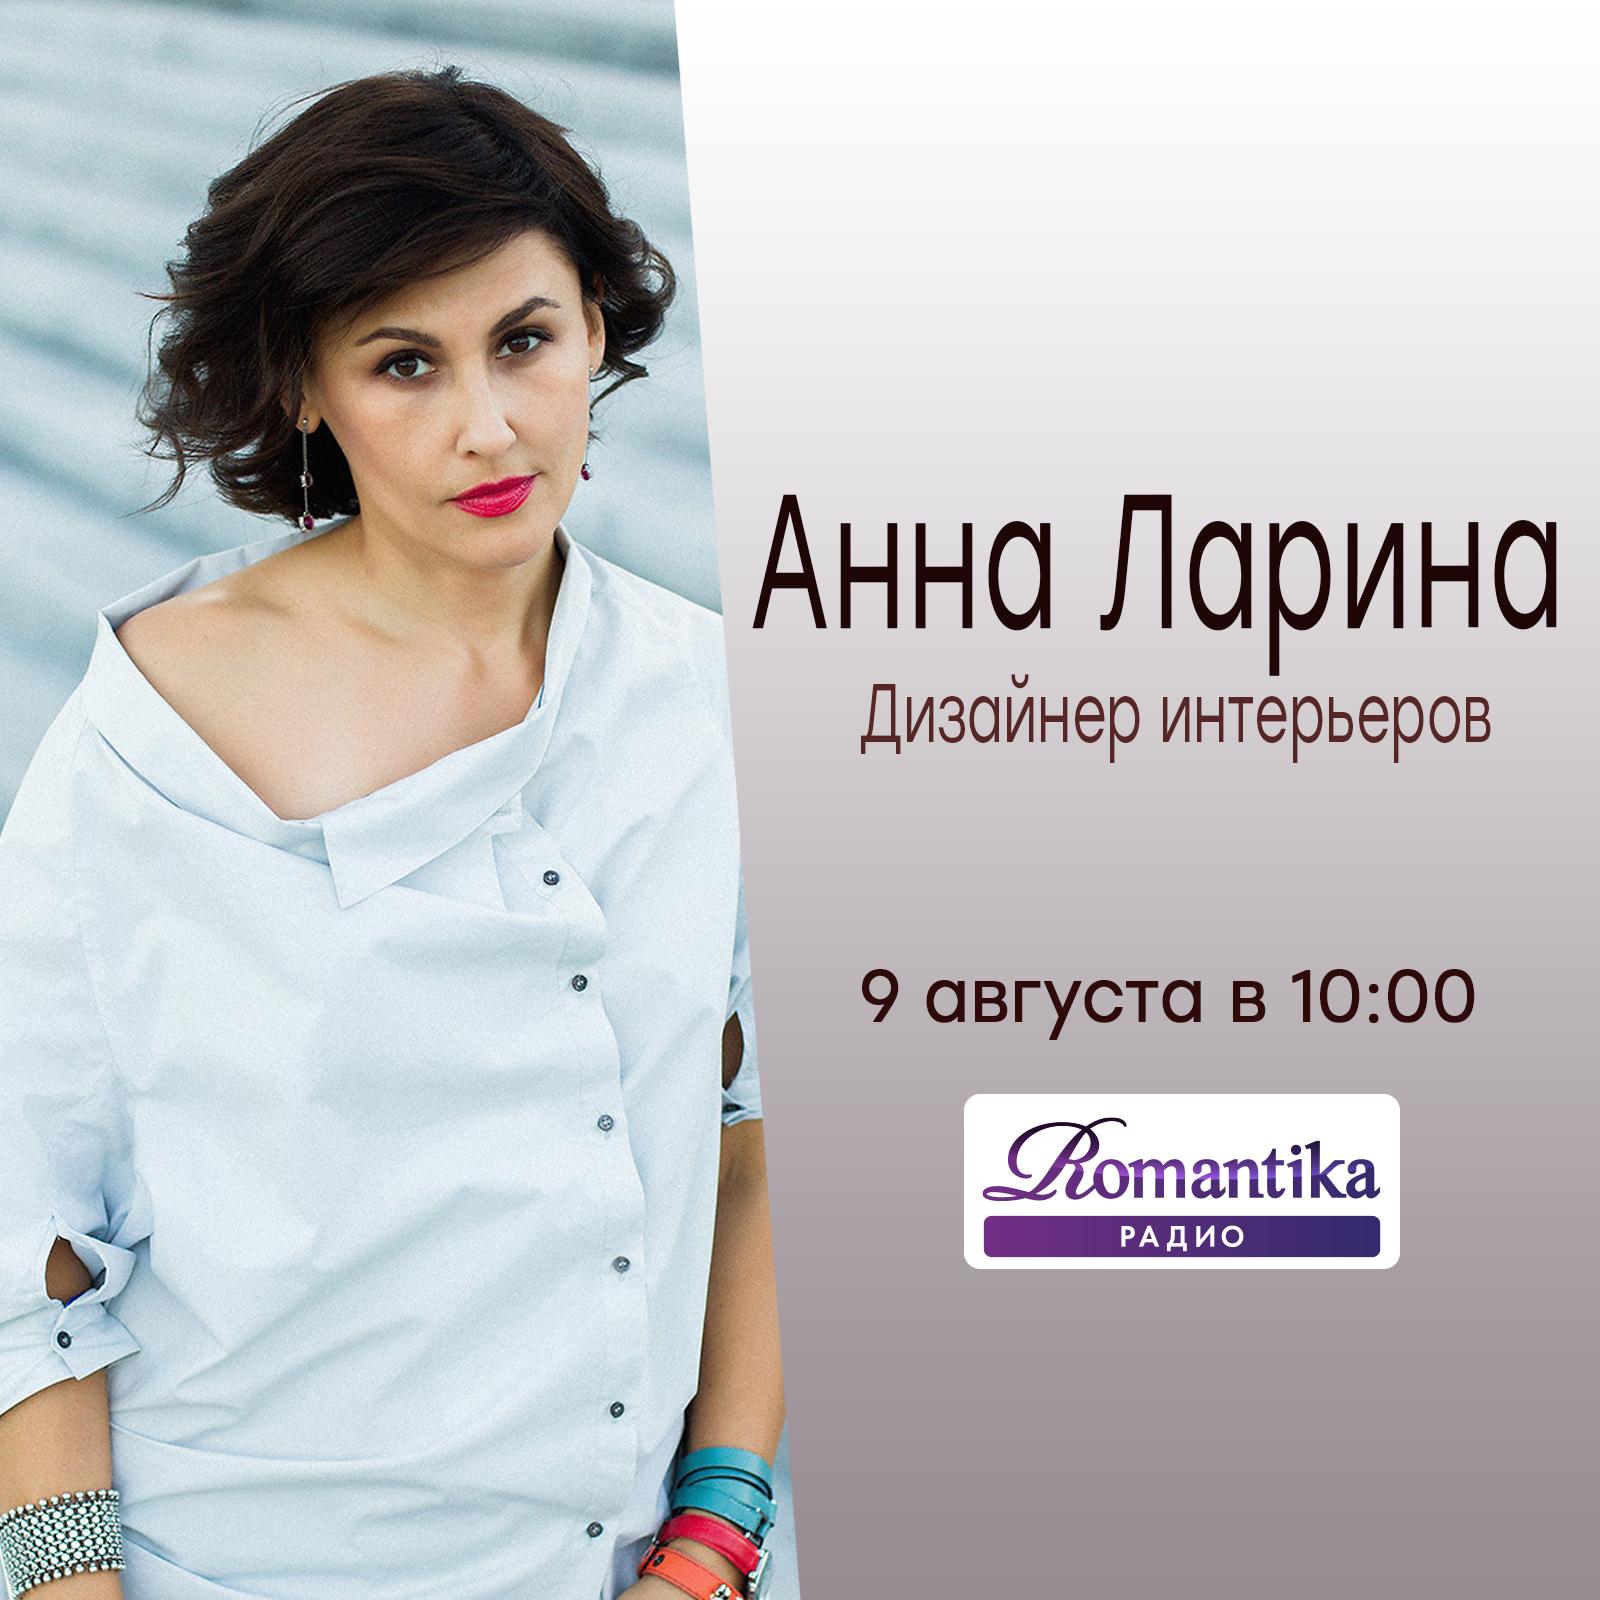 Утро на радио Romantika: 9 августа – в гостях дизайнер интерьеров Анна Ларина - Радио Romantika